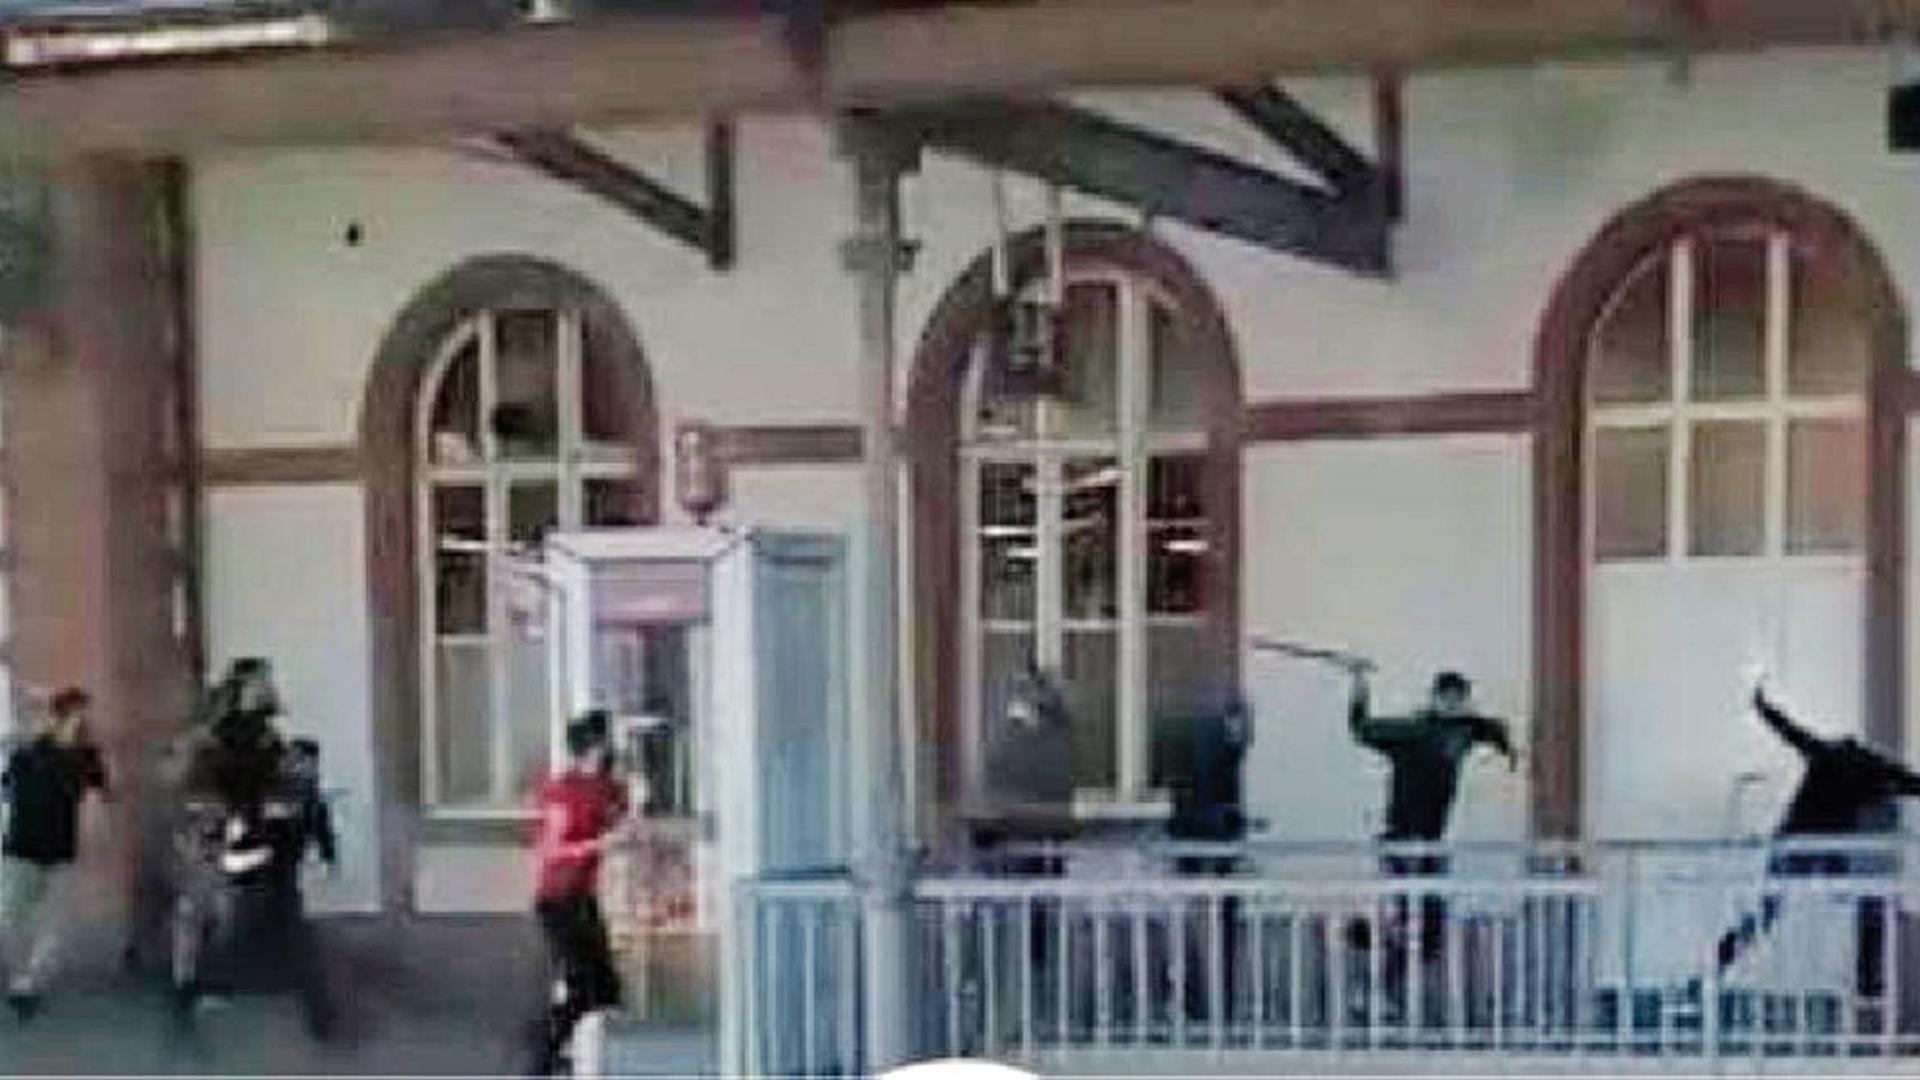 Eine brutal geführte Schlacht lieferten sich am fraglichen Wochenende zwei offenbar verfeindete Gruppen junger Menschen rund um den Rastatter Bahnhof.